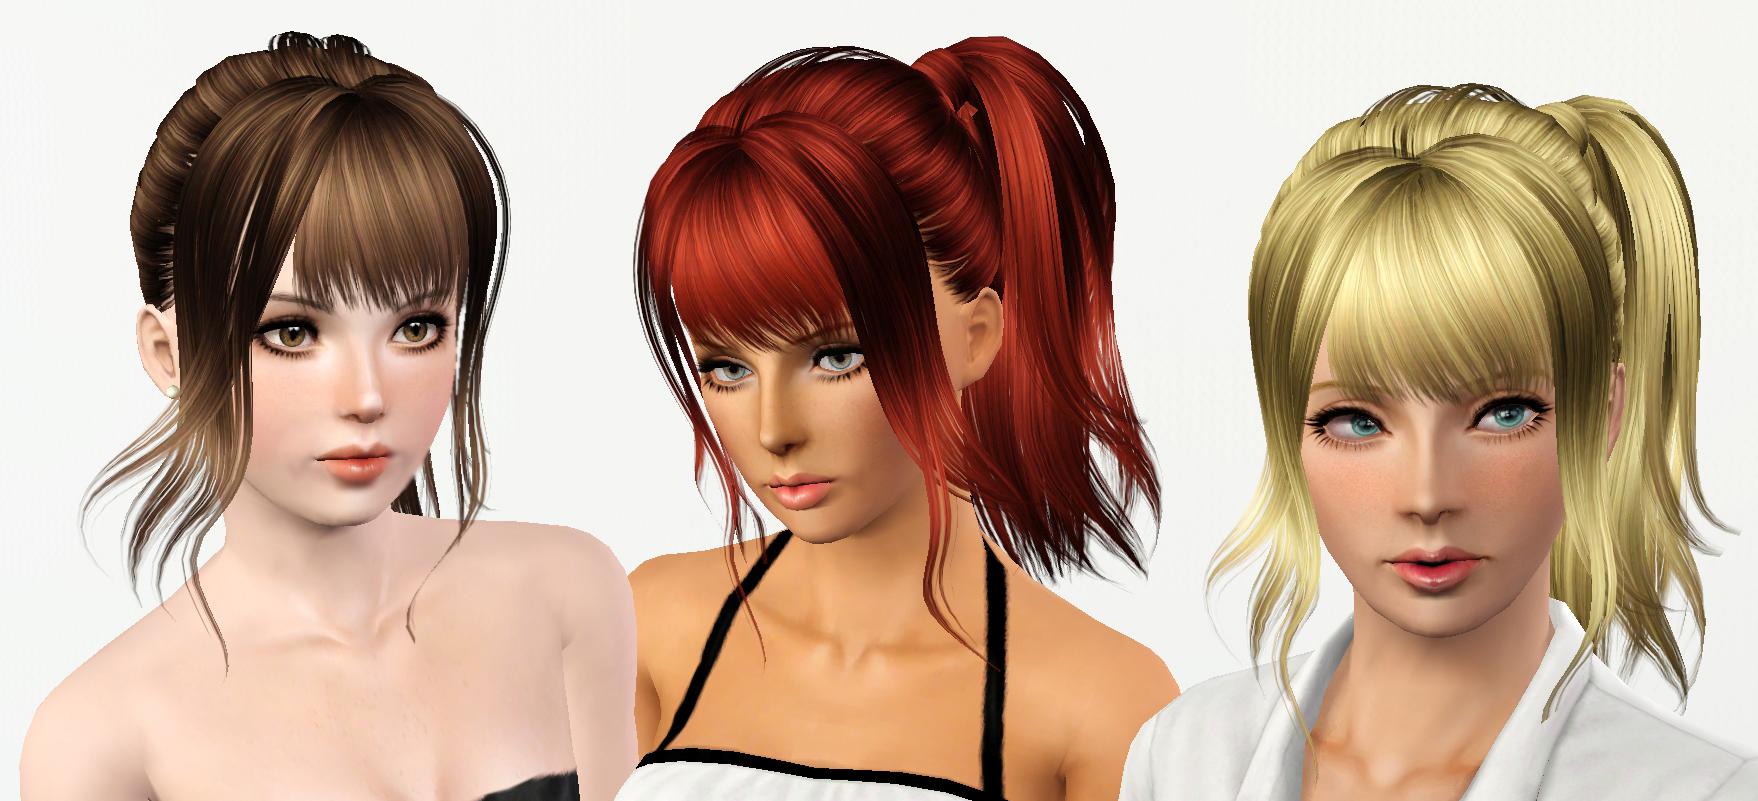 Женщины | Прически MTS_seafoamie-1410659-preview3